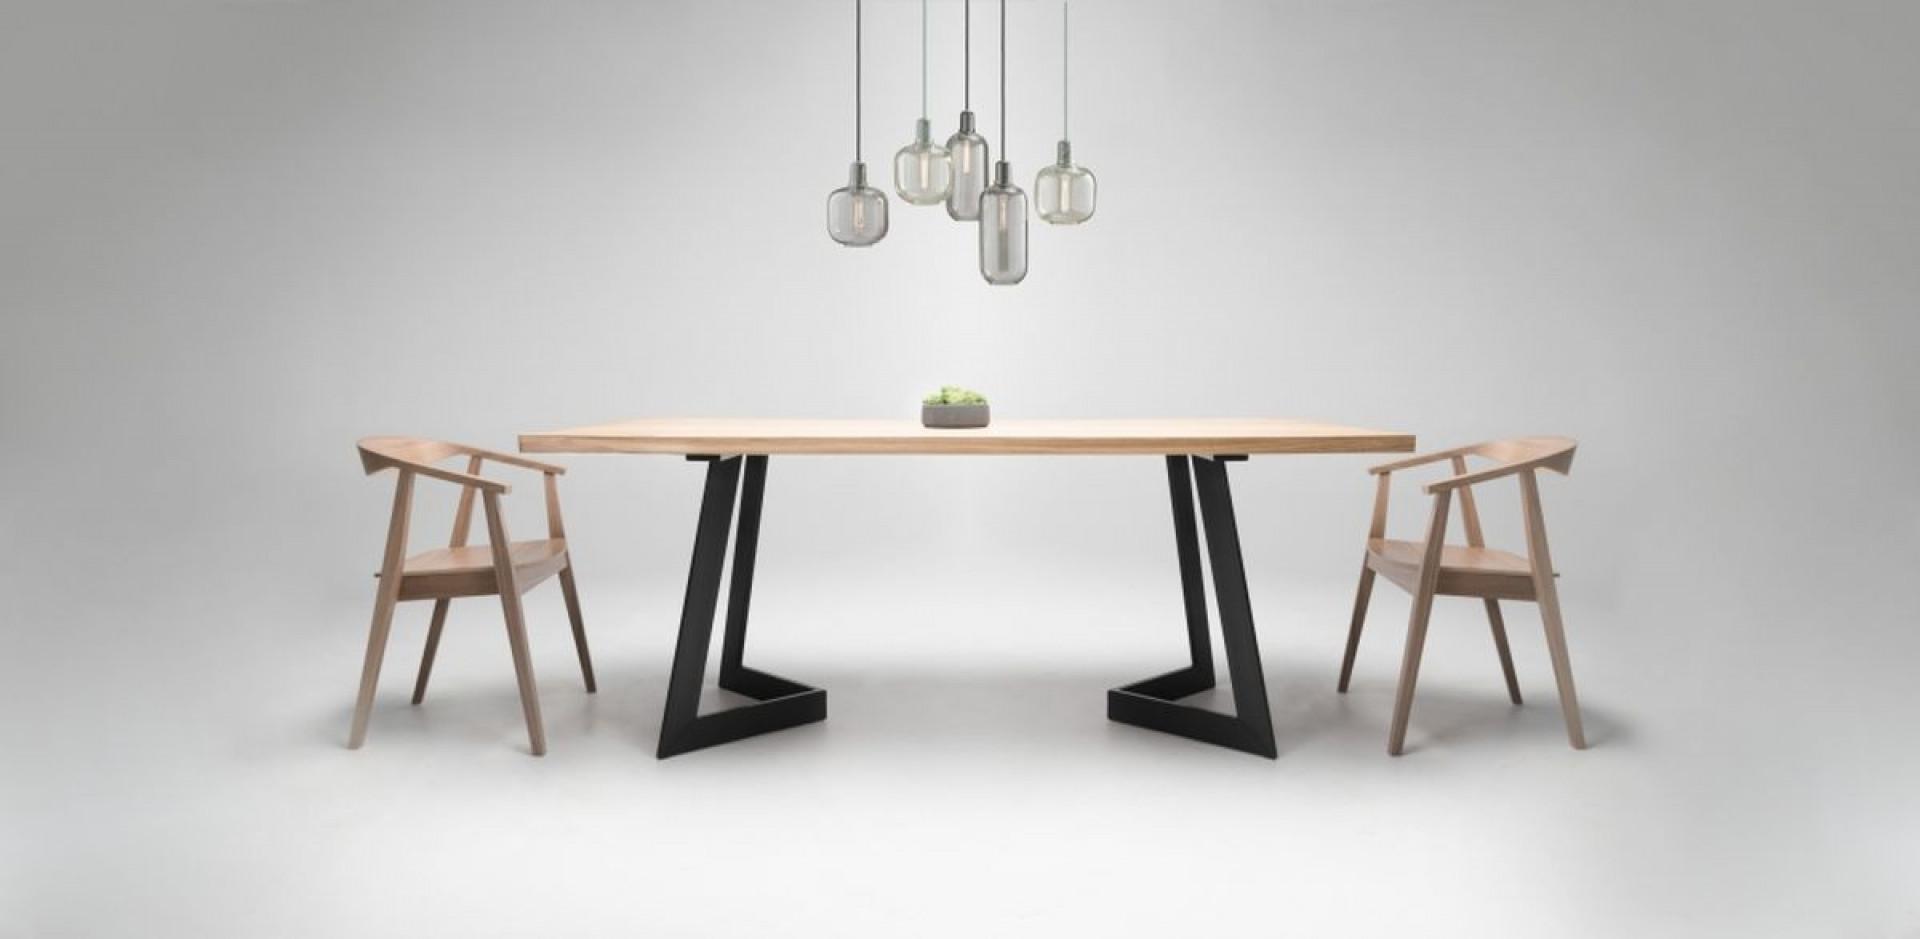 Stół i krzesła marki Custom Shop. Fot. Custom Shop